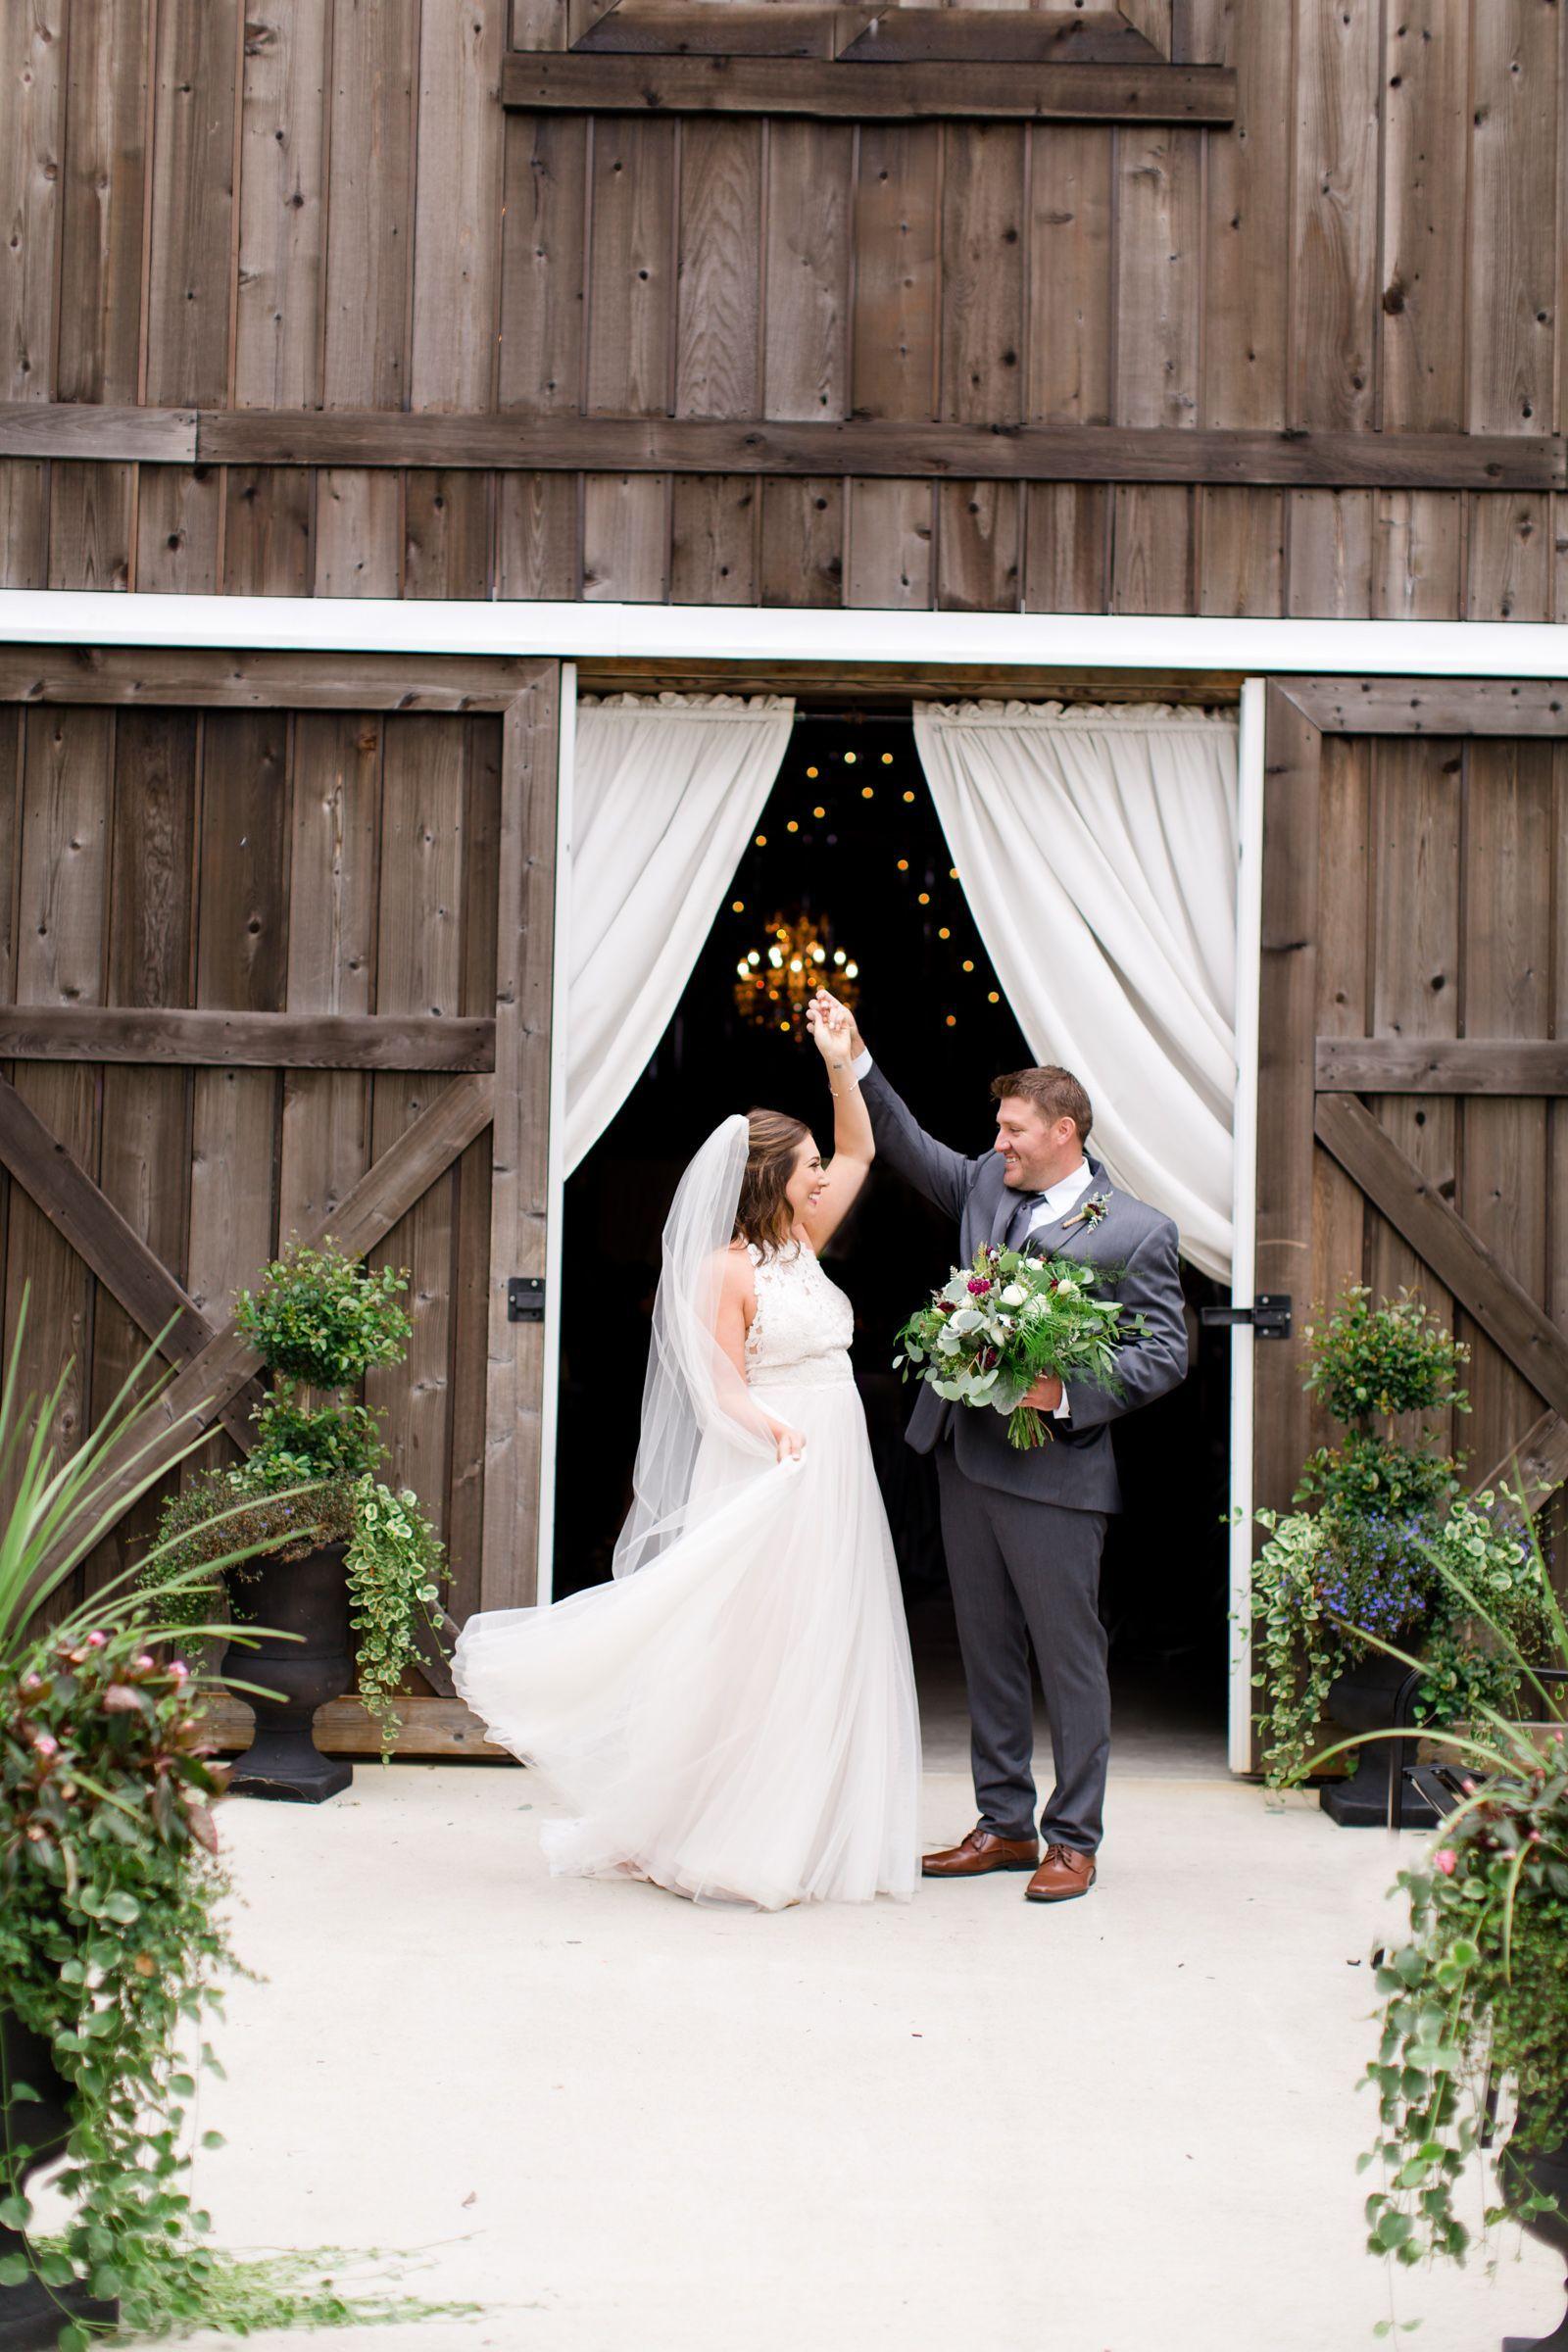 The Barn at Kennedy Farm Wedding, Indiana barn venue ...